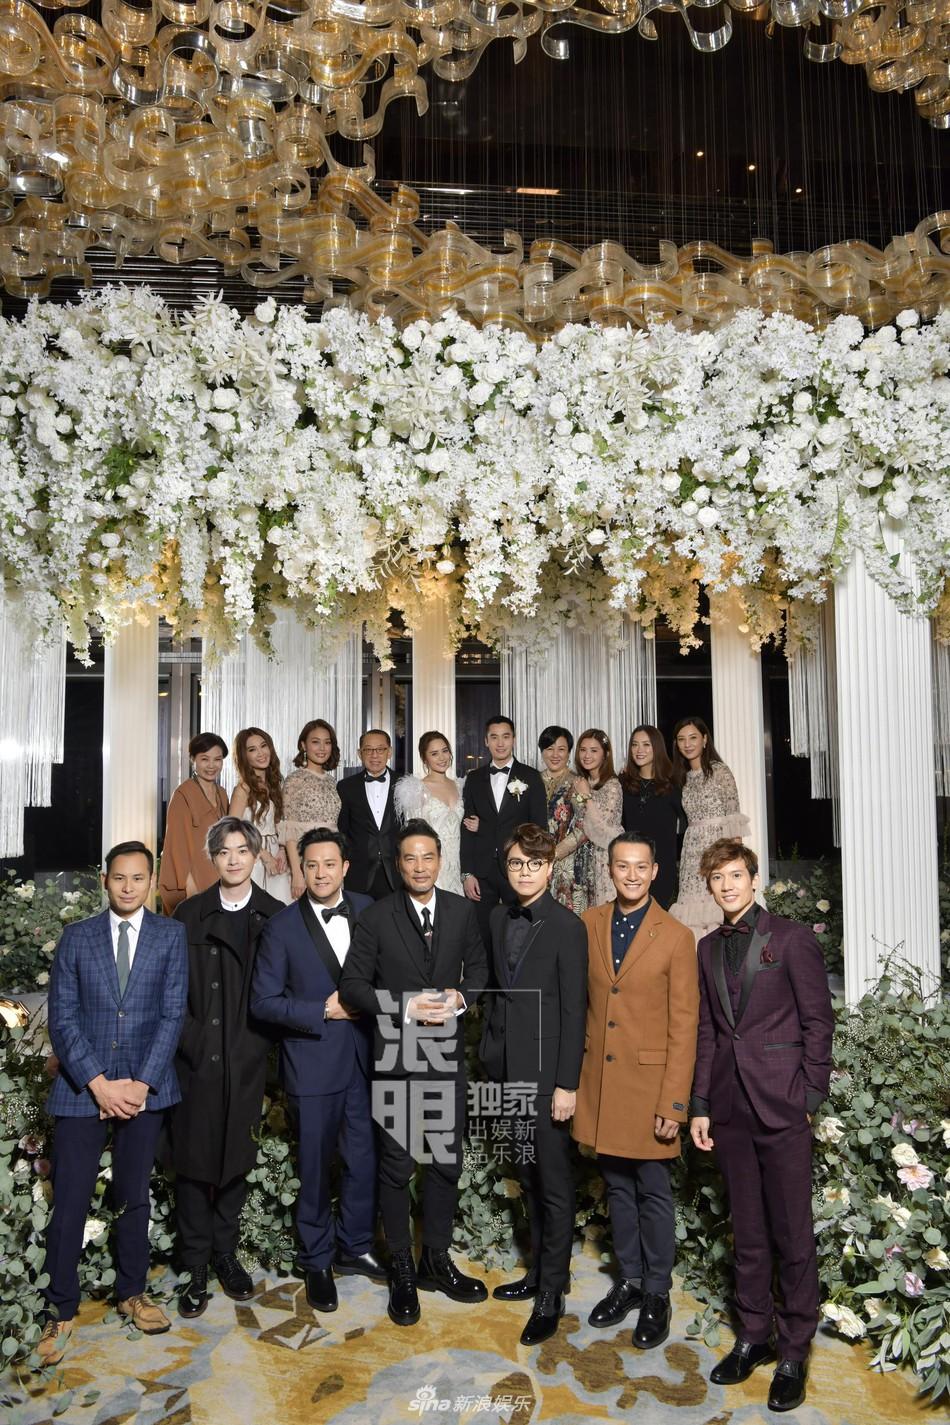 Đám cưới hoành tráng của Chung Hân Đồng: Ông trùm showbiz Hong Kong, con gái tài phiệt Macau cùng dàn sao hạng A tề tựu đông đủ - Ảnh 40.